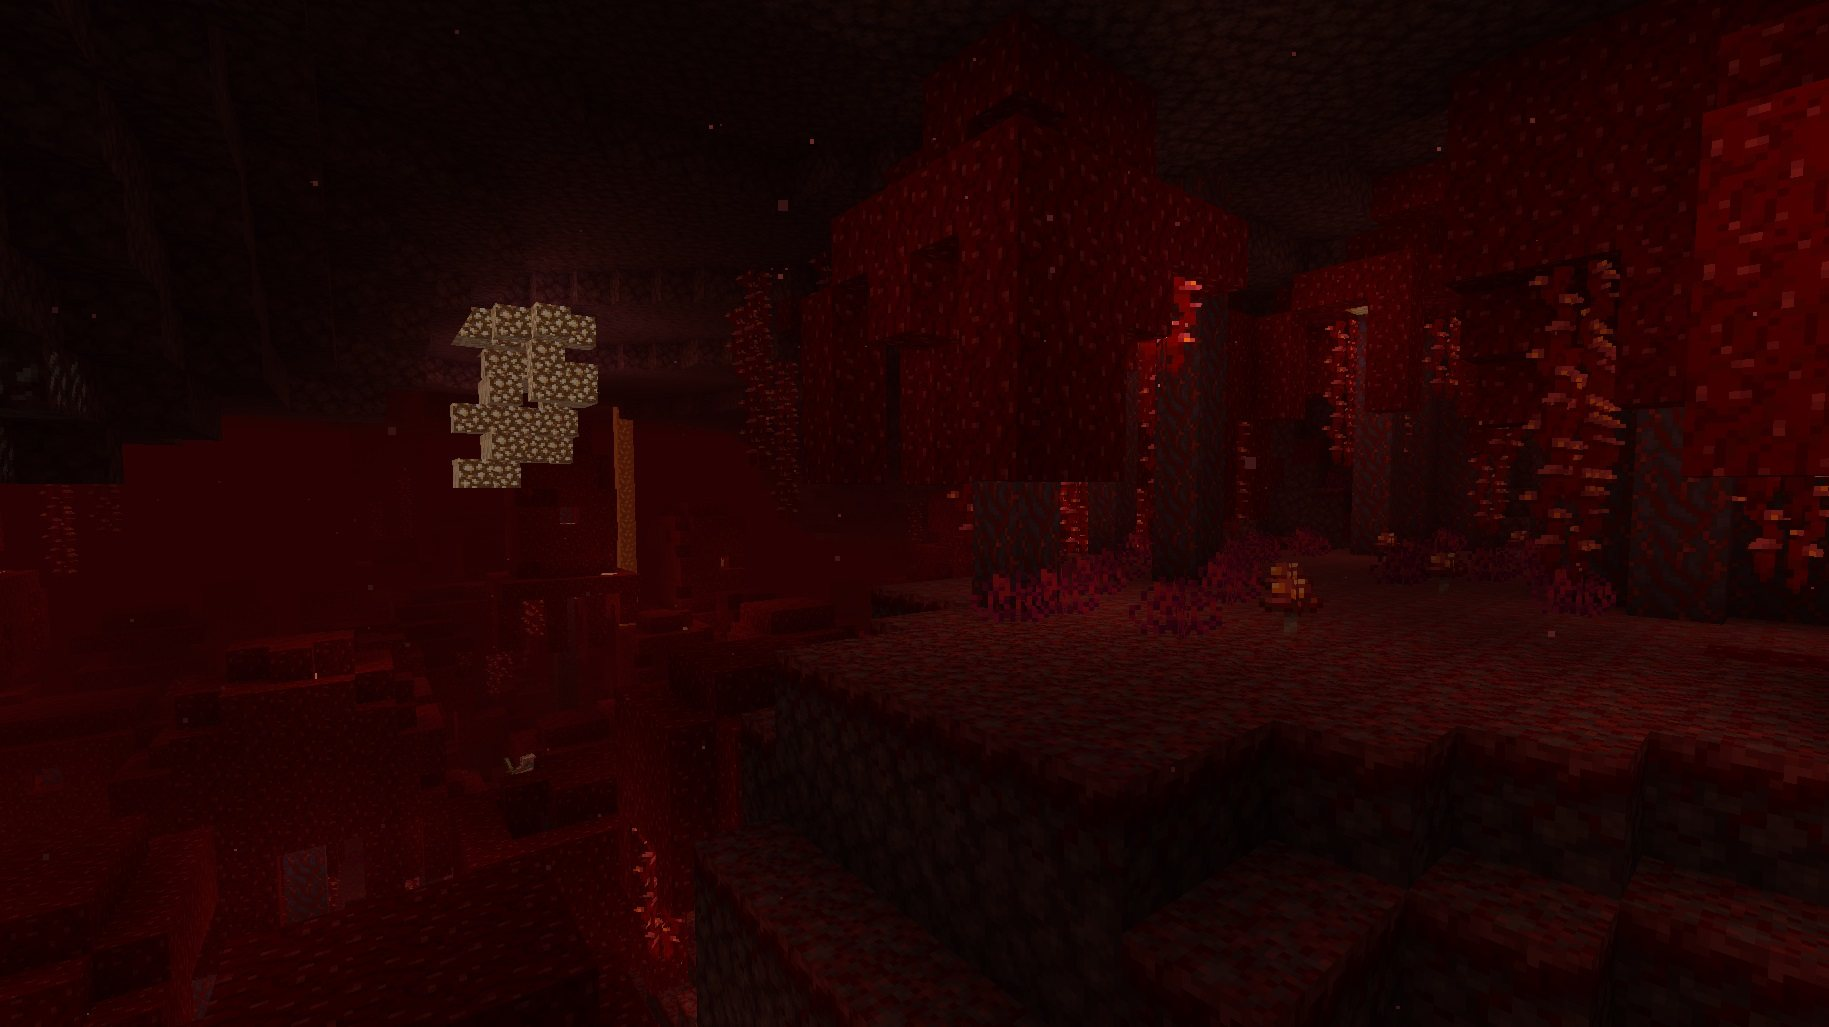 crimson forest szkarlatny las minecraft